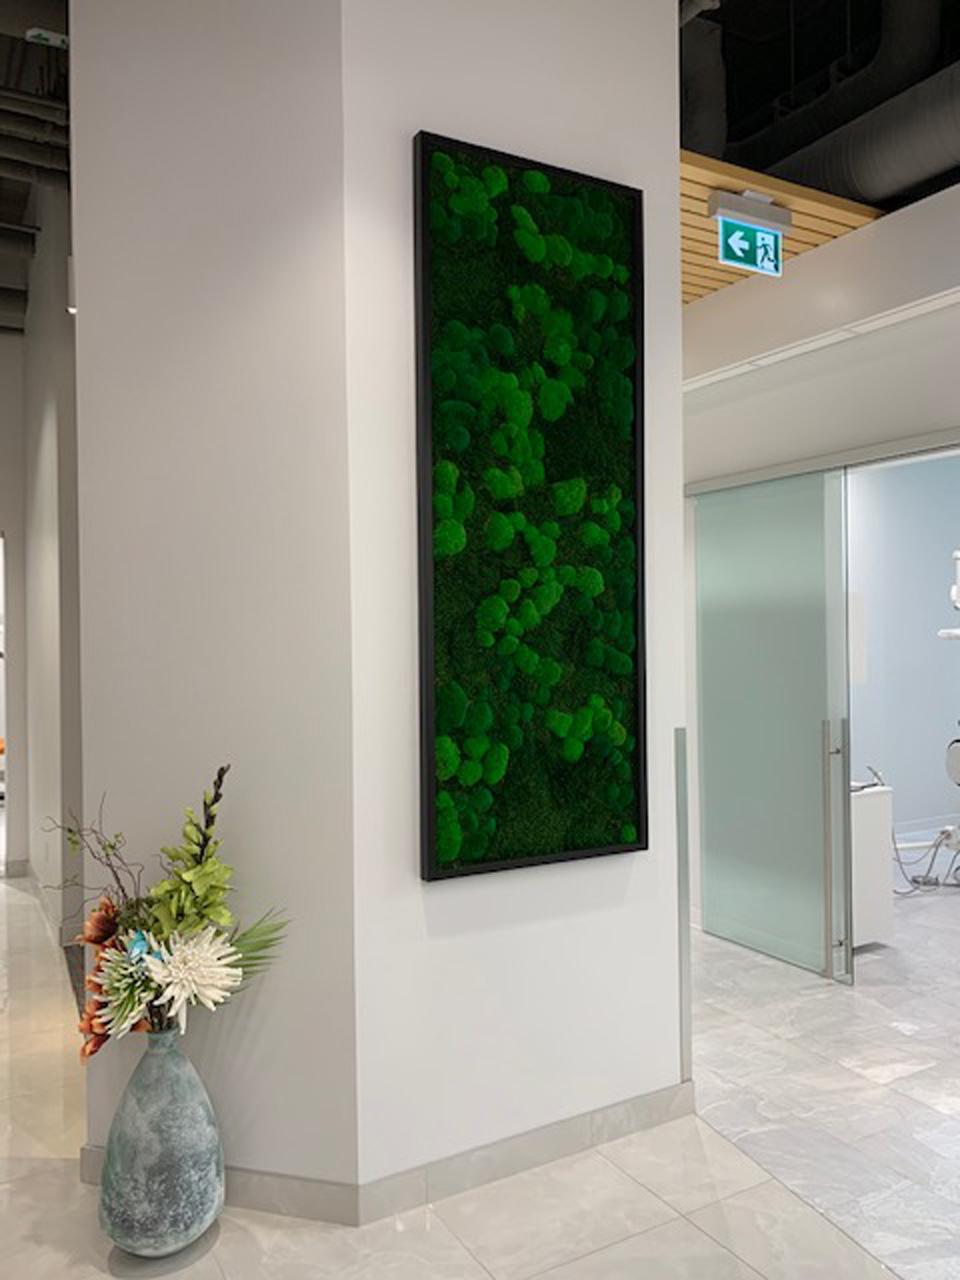 District Dental Moss Art